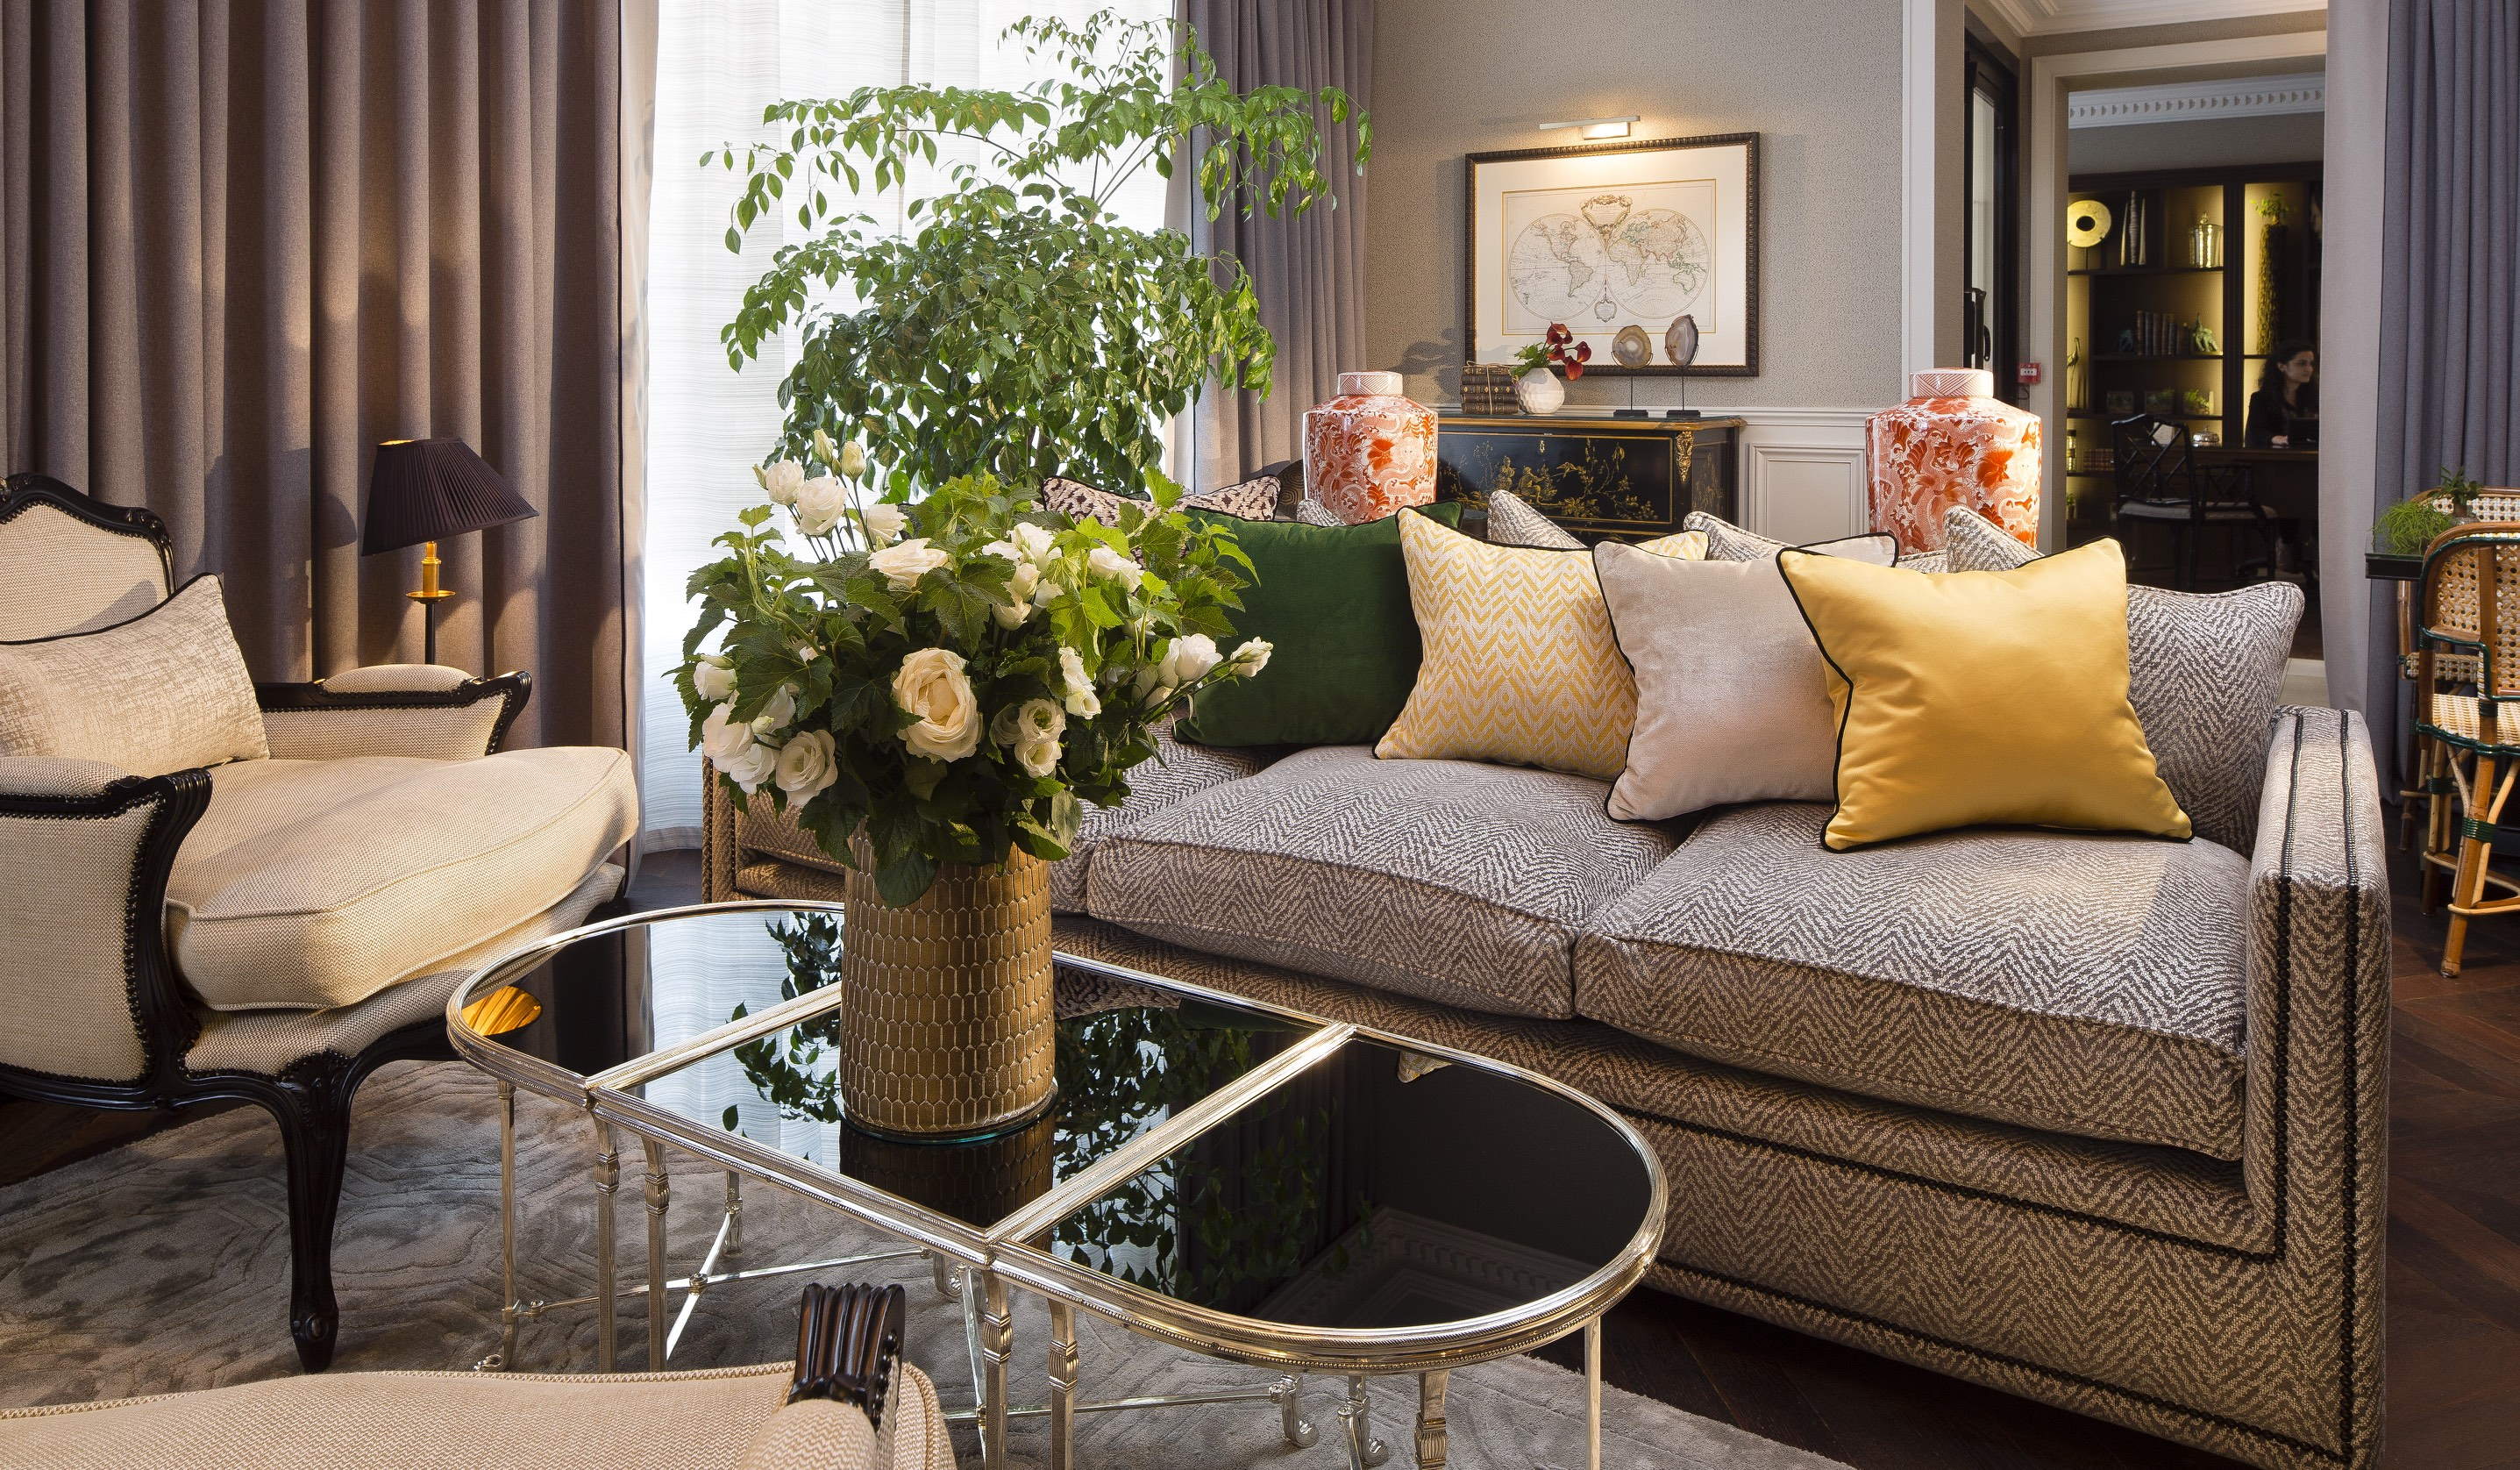 maison de naissance paris perfect haba little friends u meubles pour maison de poupe salle de. Black Bedroom Furniture Sets. Home Design Ideas